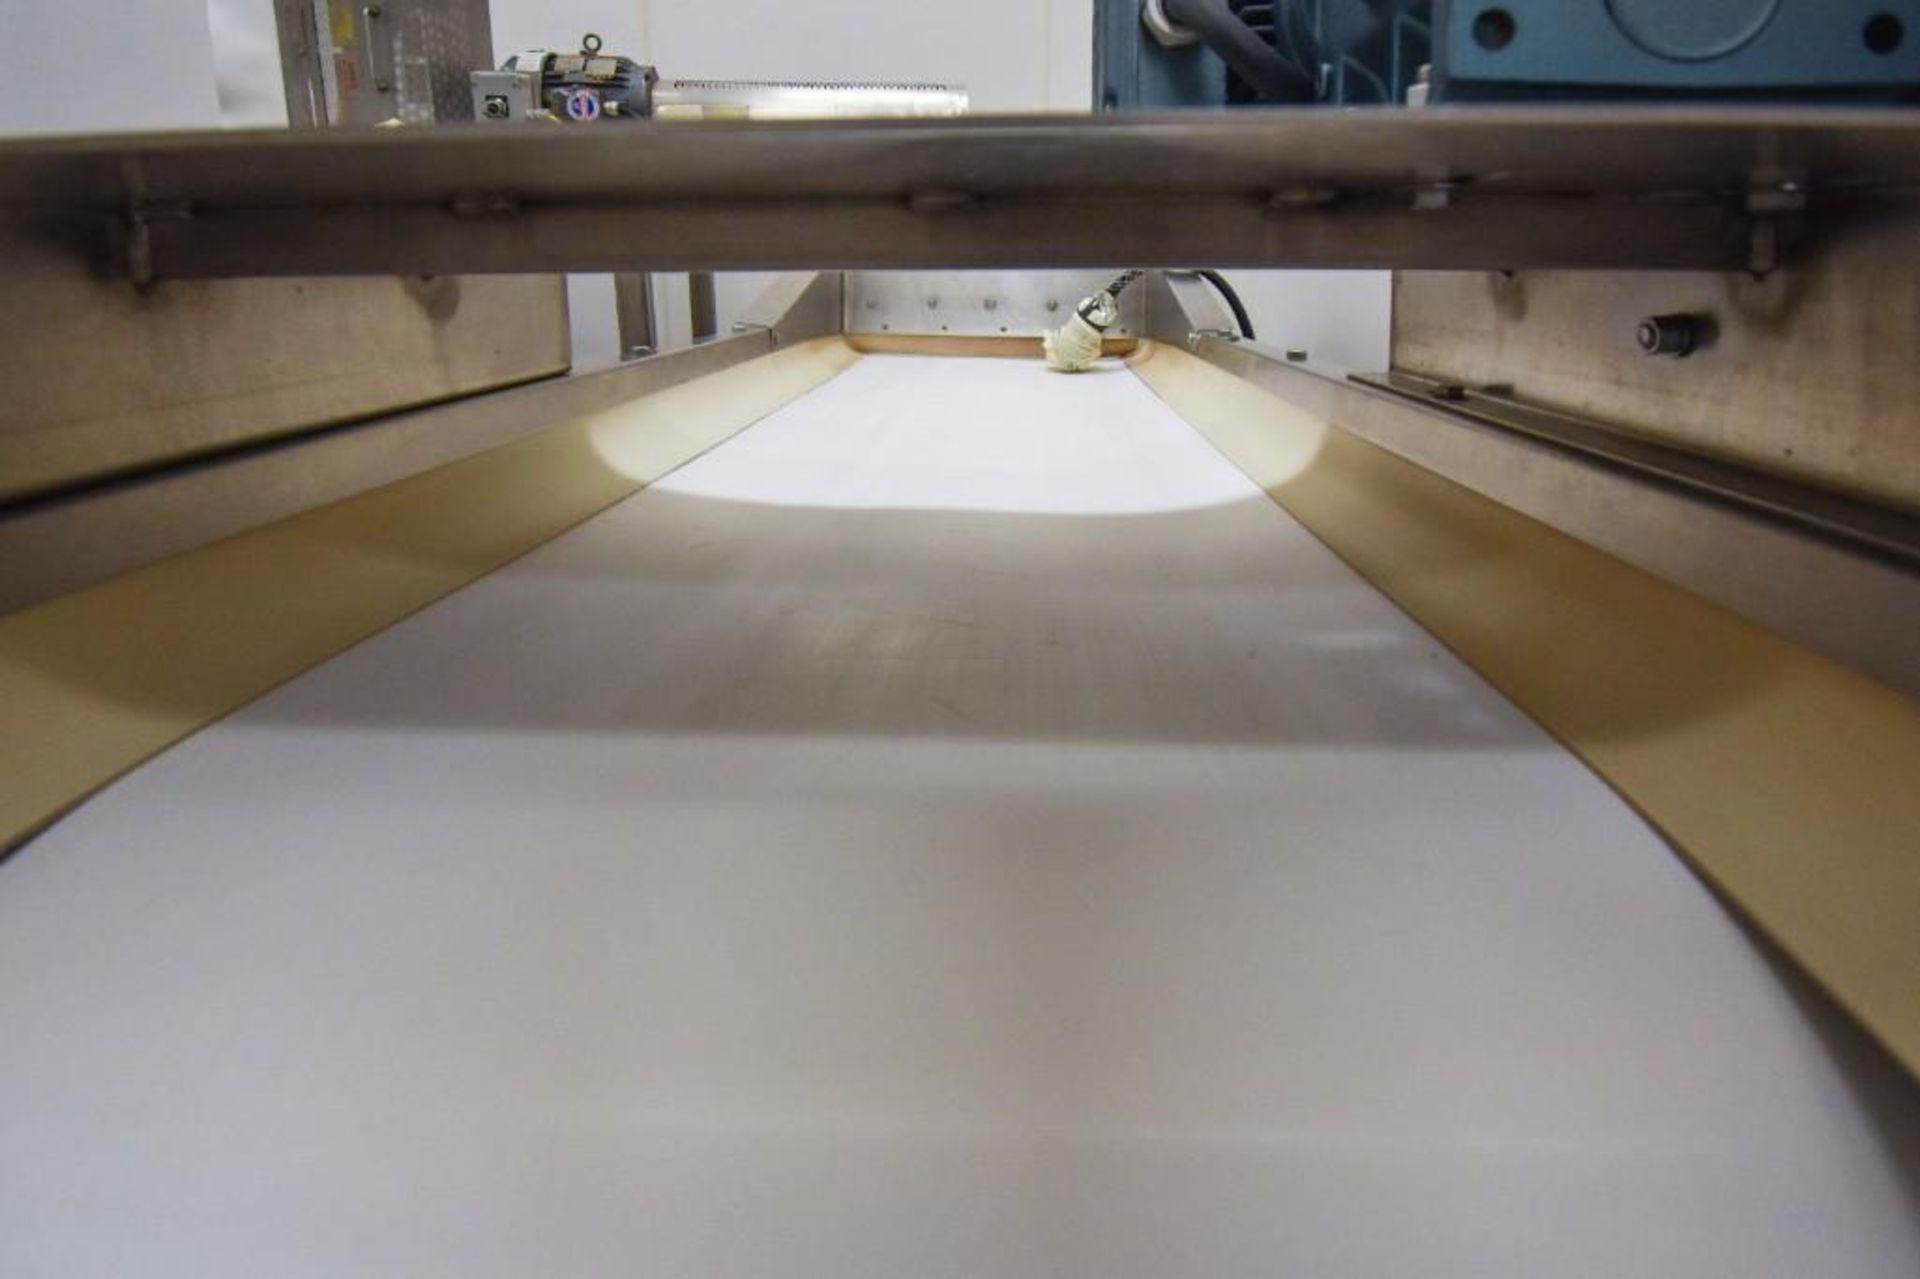 Conveyor - Image 8 of 9